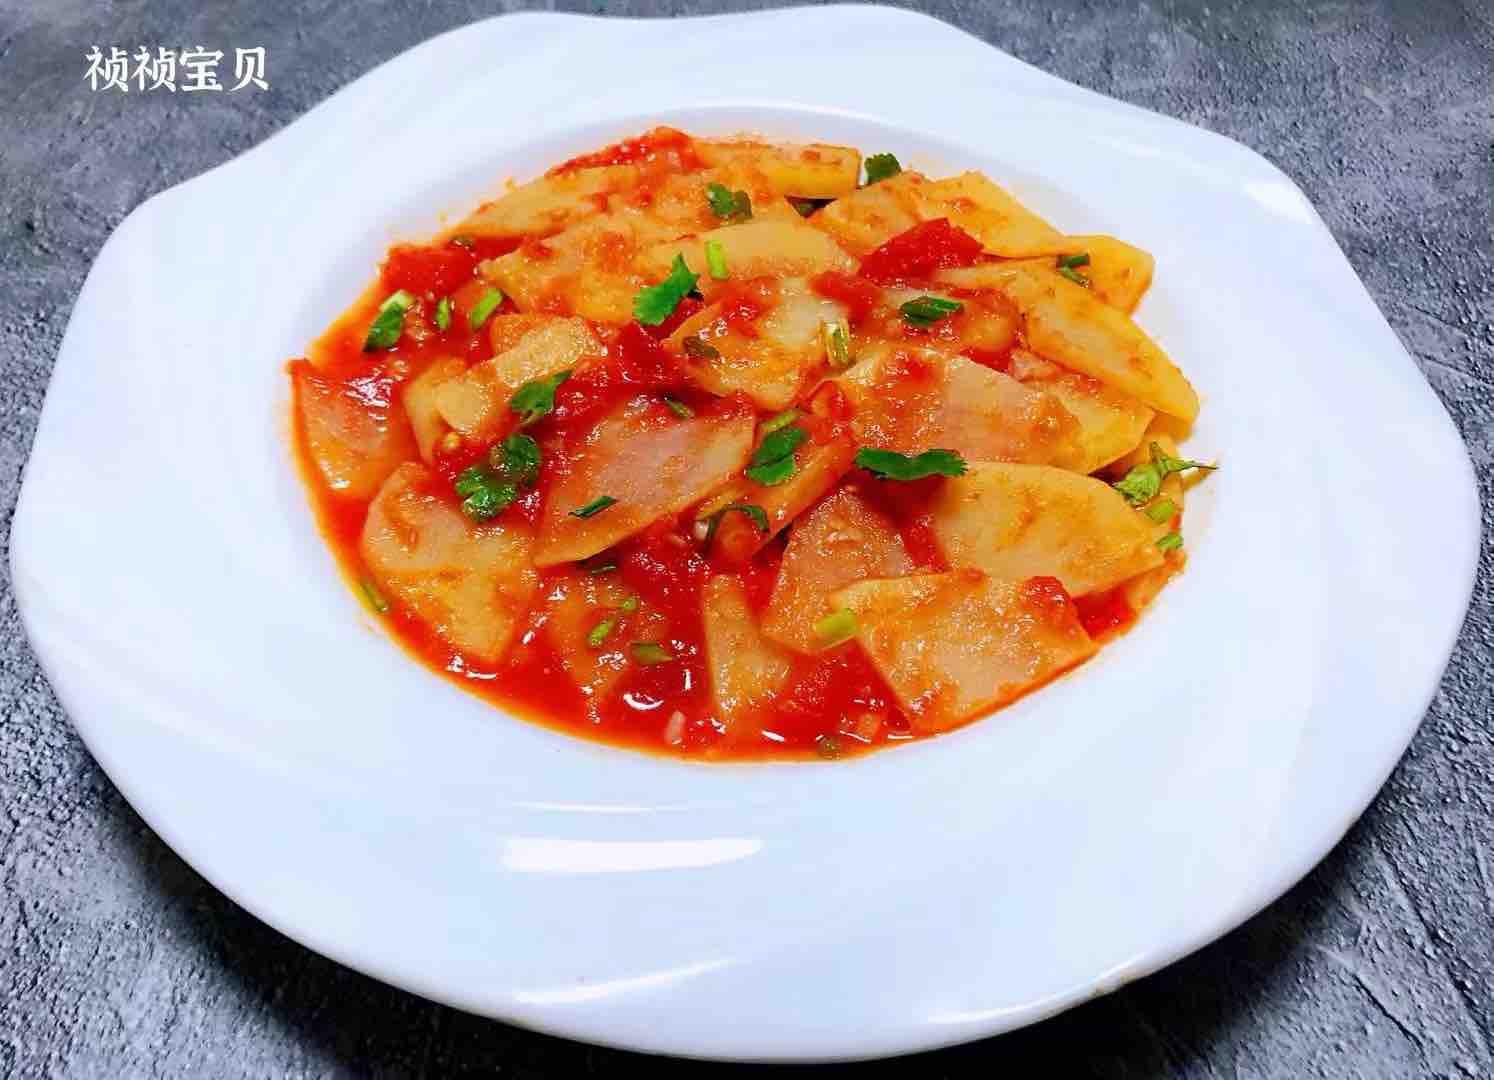 西红柿炒土豆片怎样煸